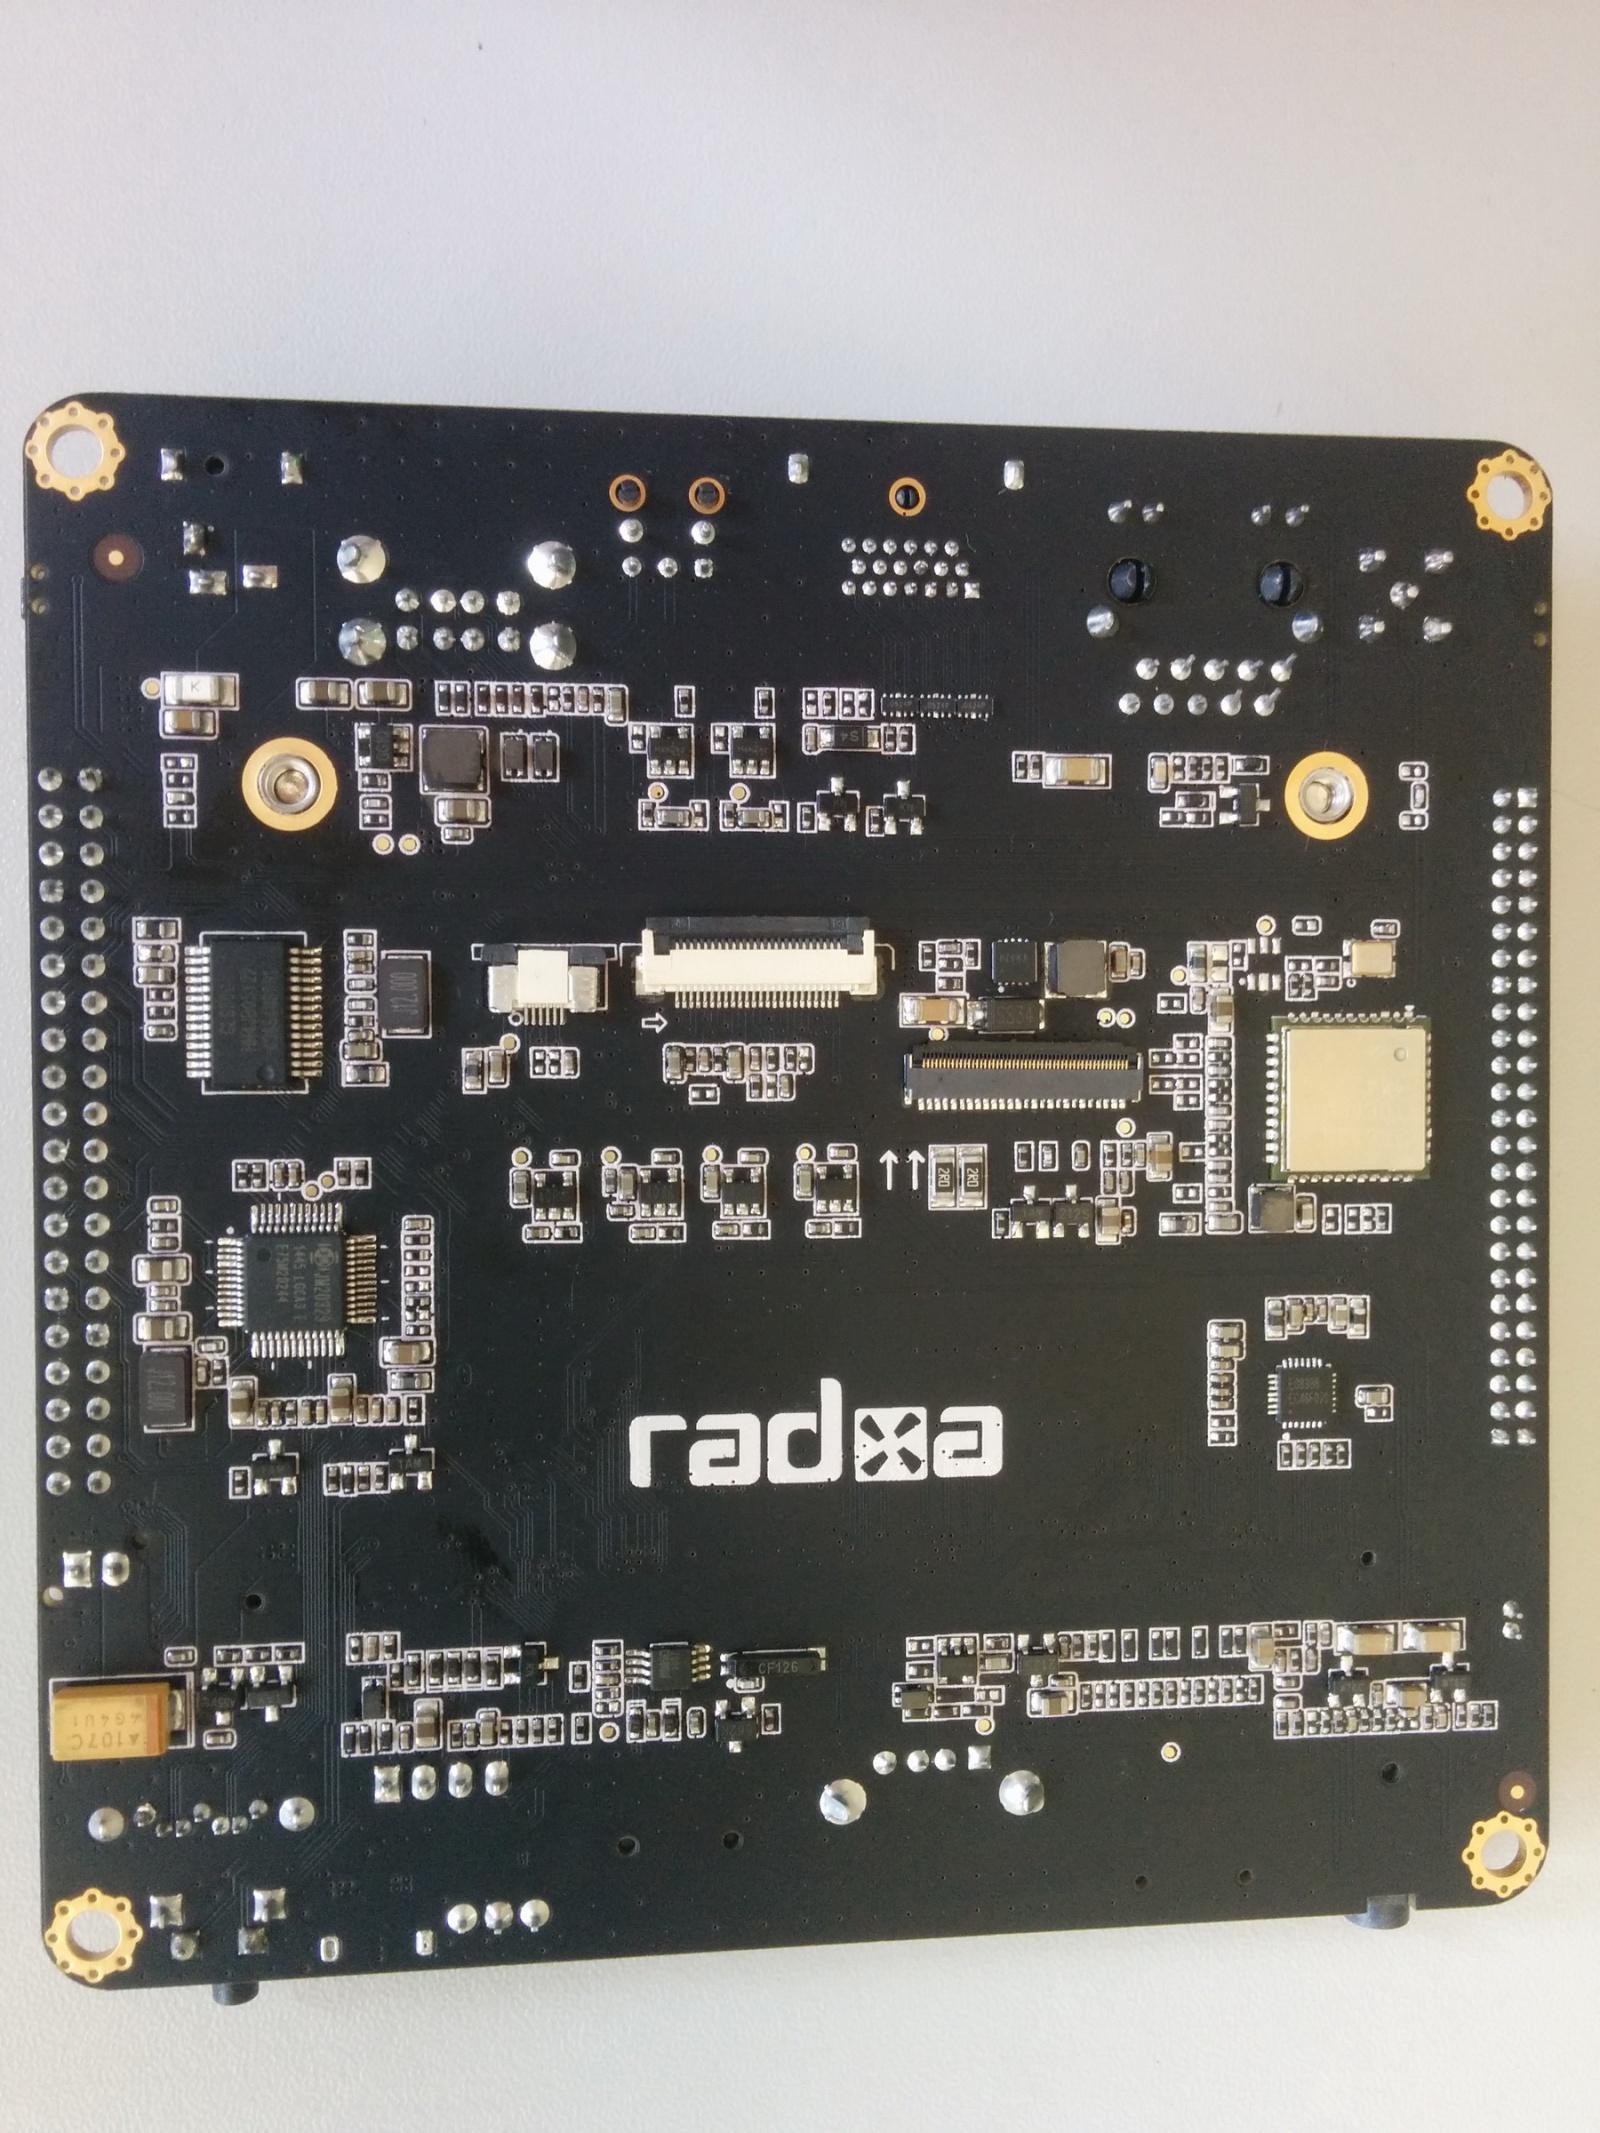 Обзор отладочного комплекта Radxa Rock 2 Square и SoM - 5